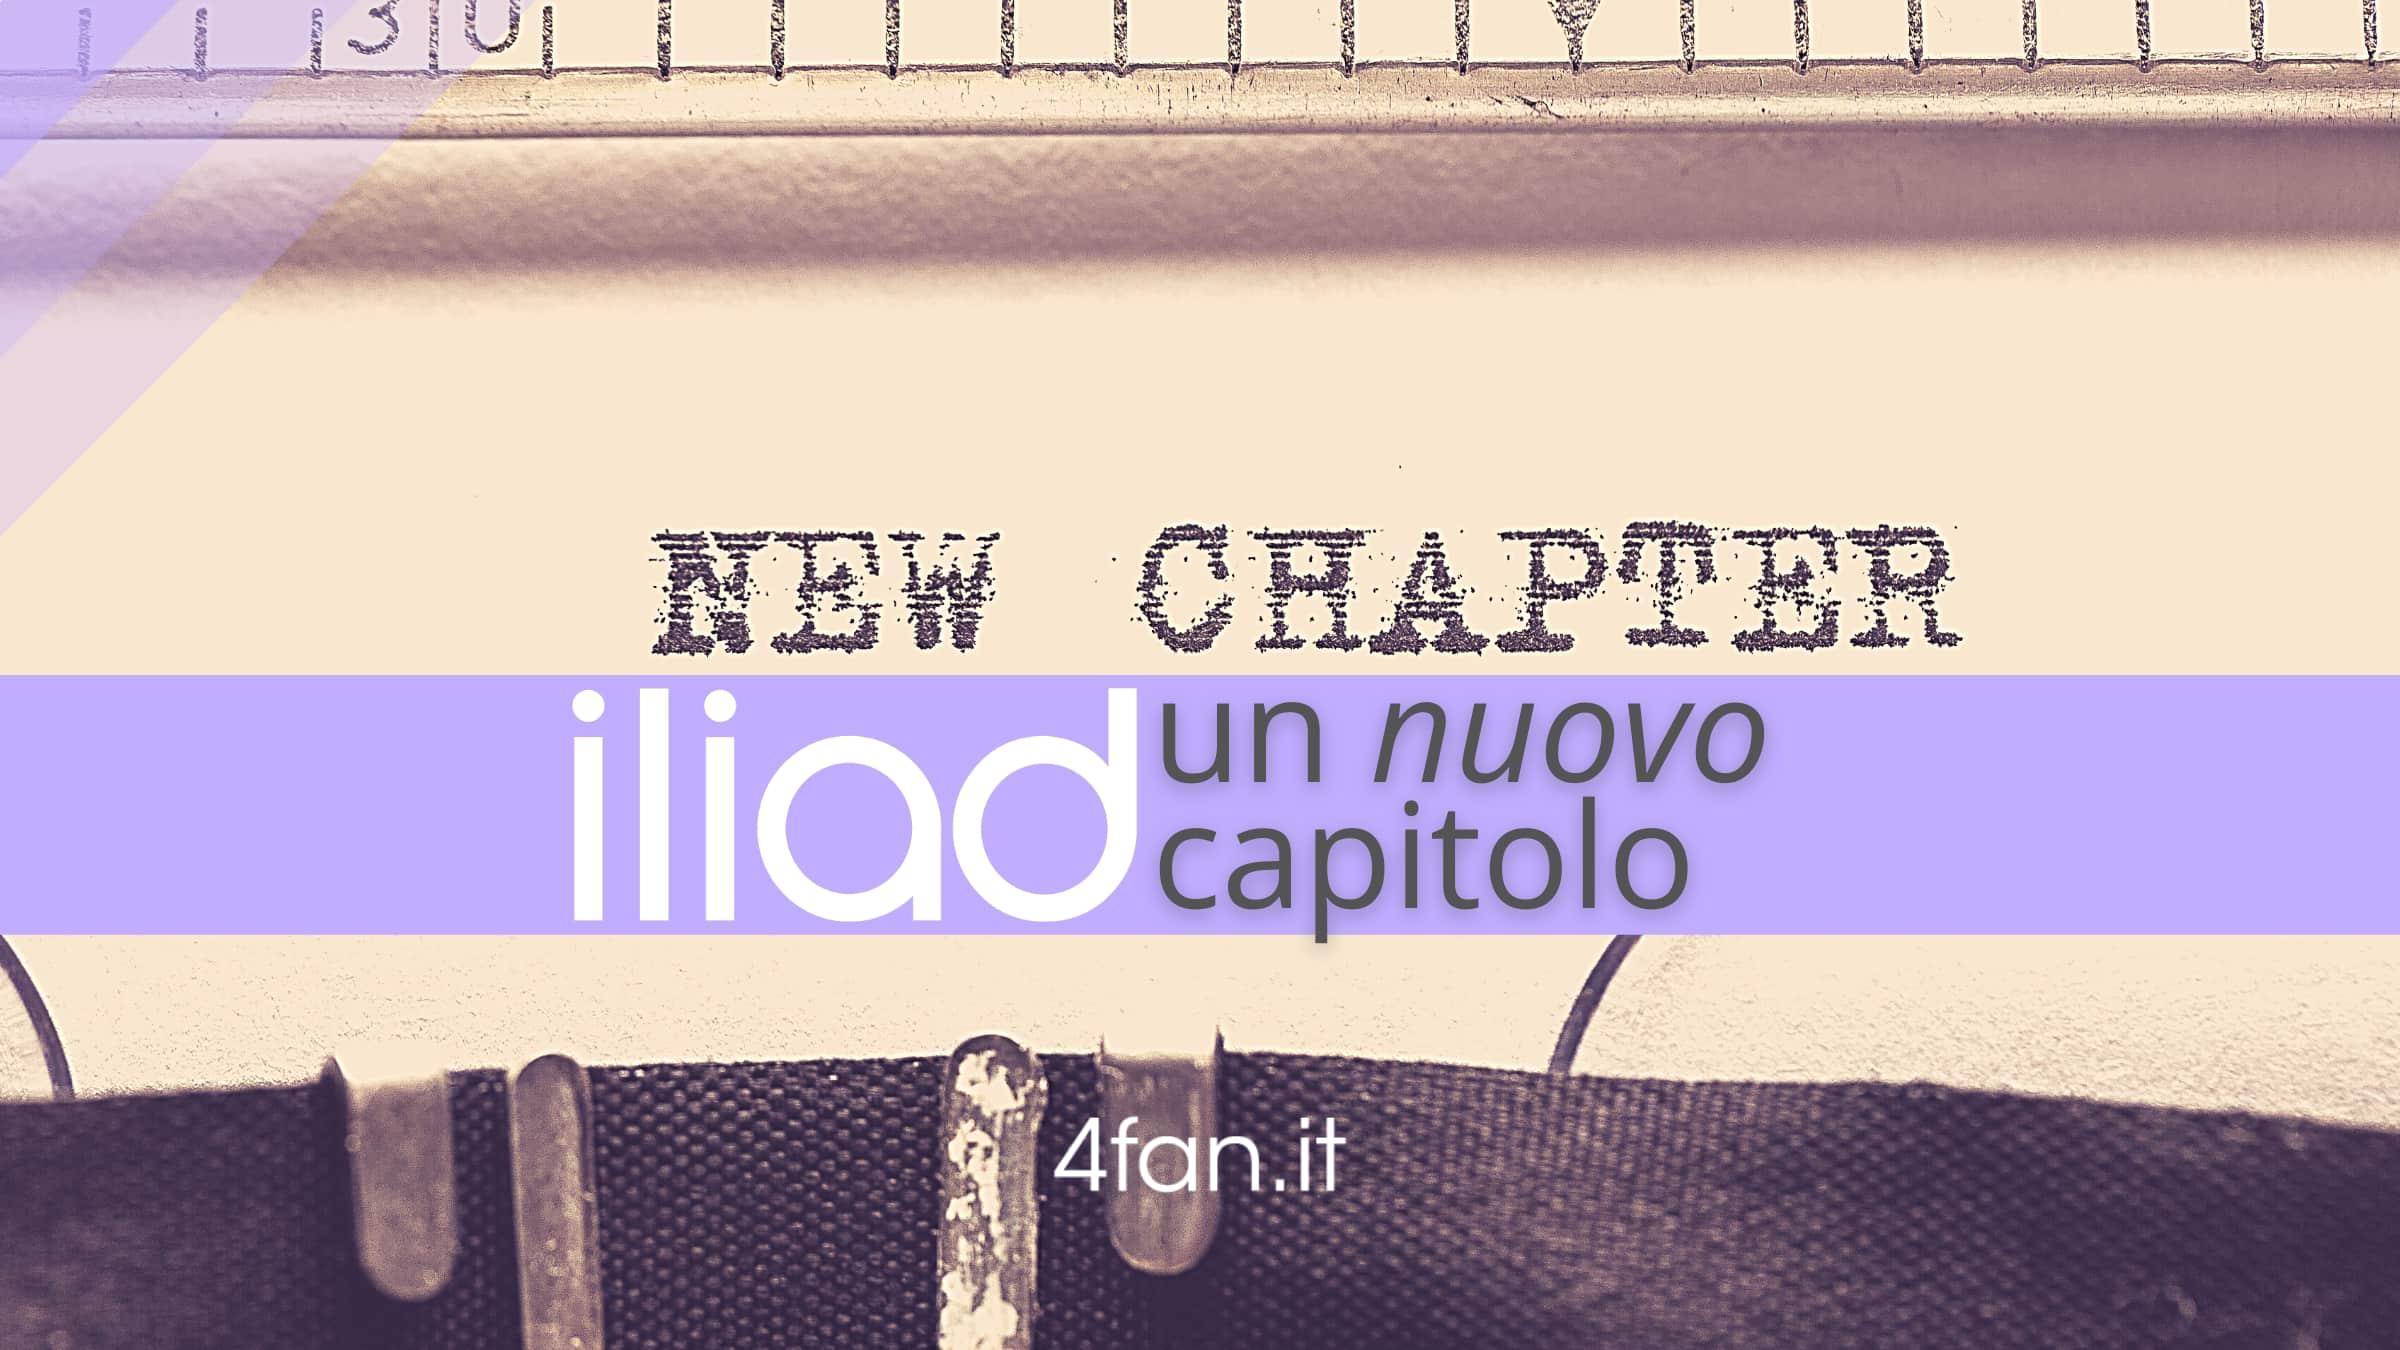 Nuovo Capitolo Iliad